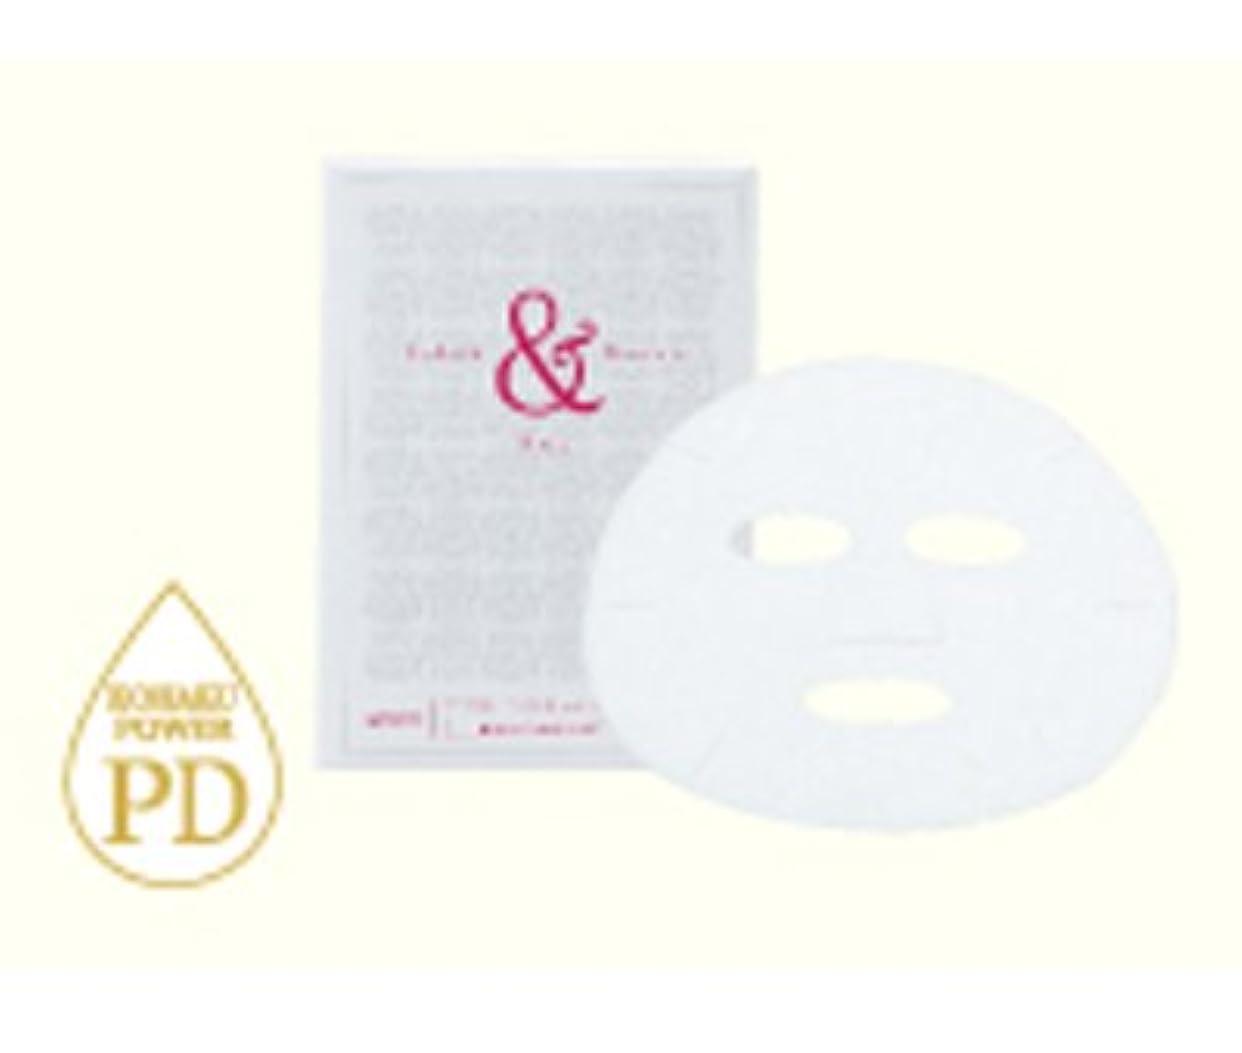 ばかげている注入するキノコヤマノ インナー&アウタービューティー 琥珀&プラセンタマスク(美容液20ml×8枚)